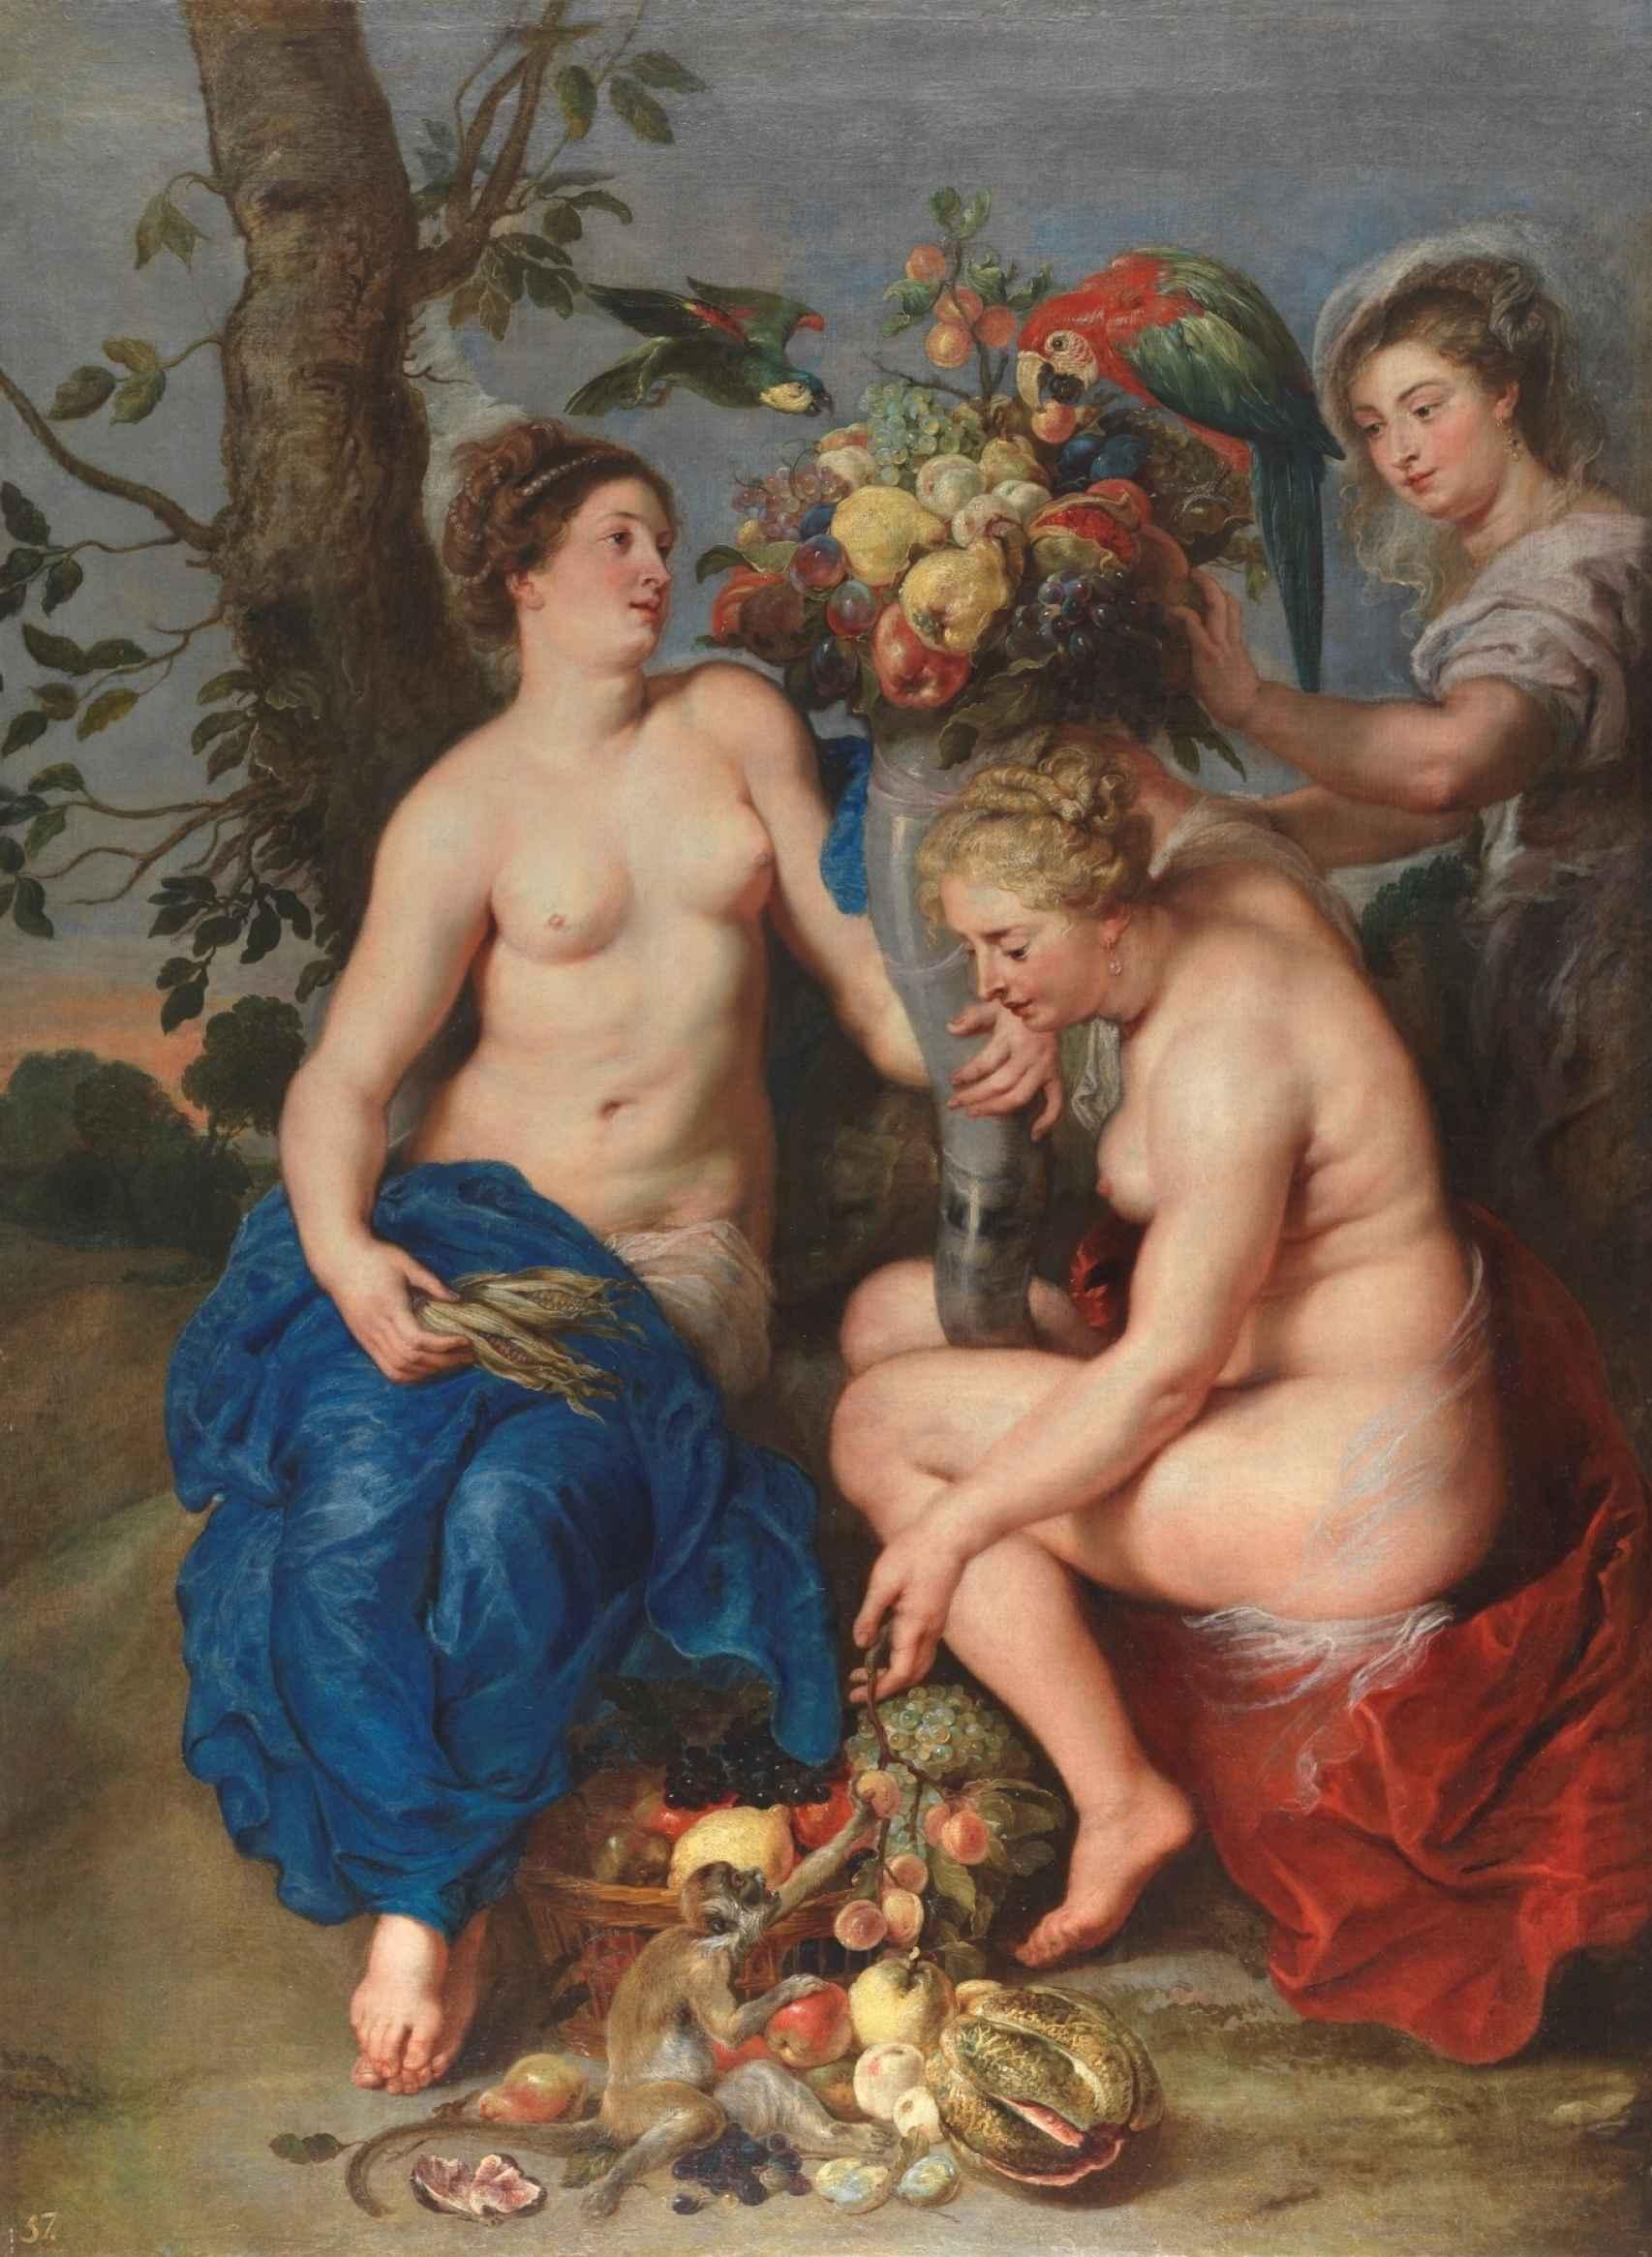 Ceres y dos ninfas, de Rubens, valorado en 40 millones de euros.